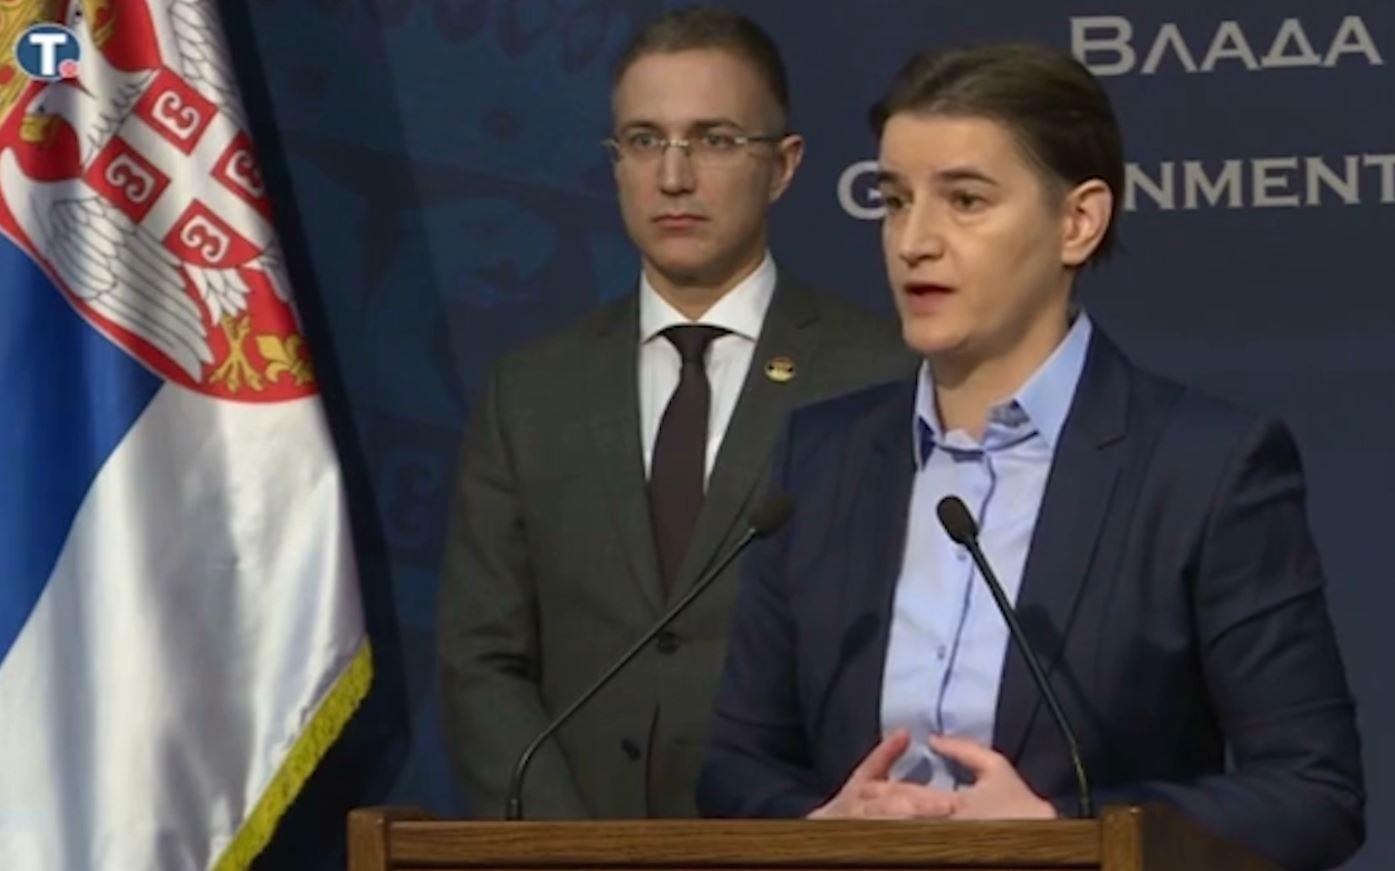 Shoqata e gazetarëve në Serbi kundër kryeministres Brnabic: Fushatë armiqësore ndaj mediave